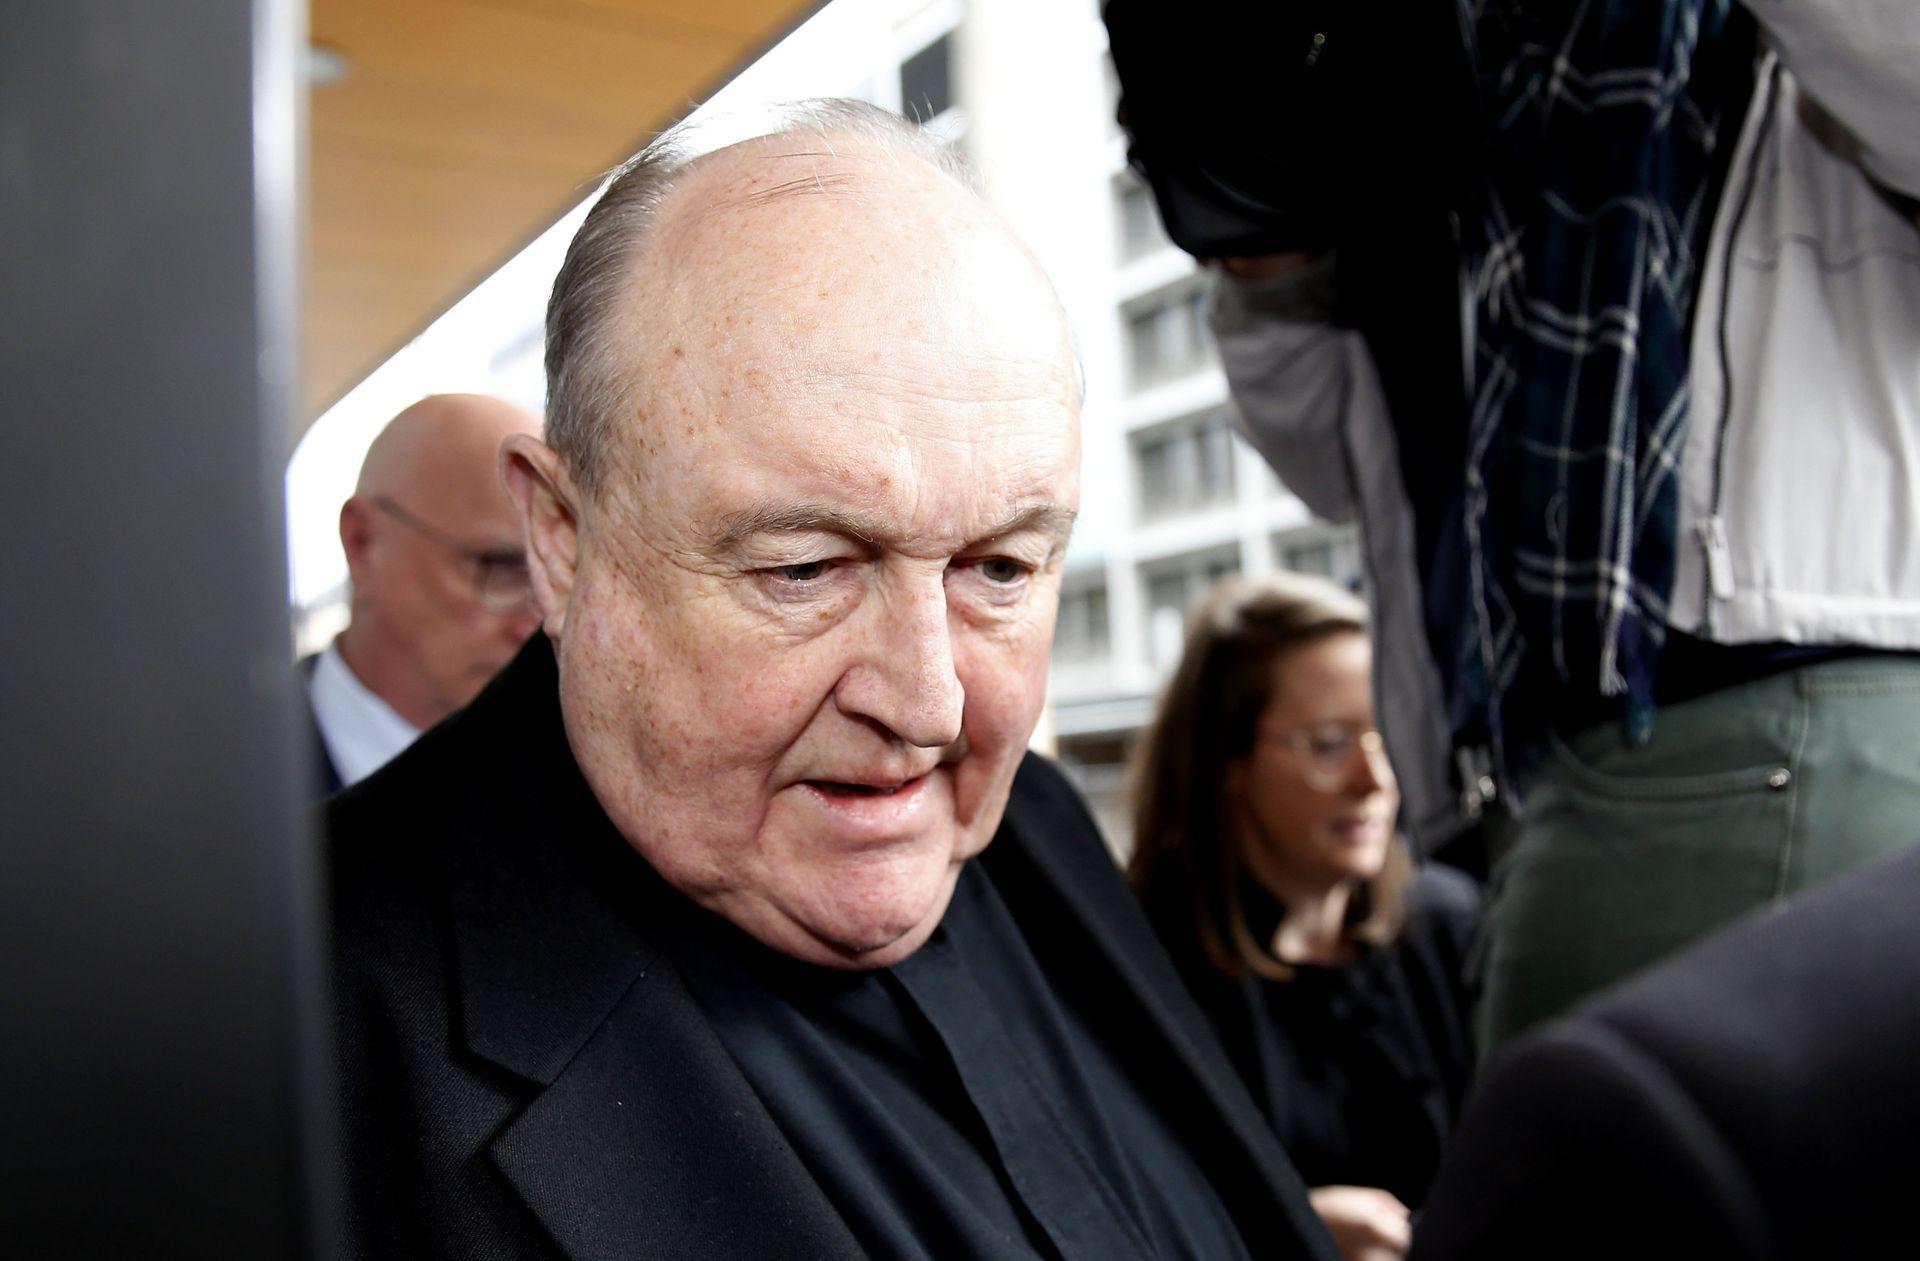 Kindesmissbrauch vertuscht?: Australischer Erzbischof